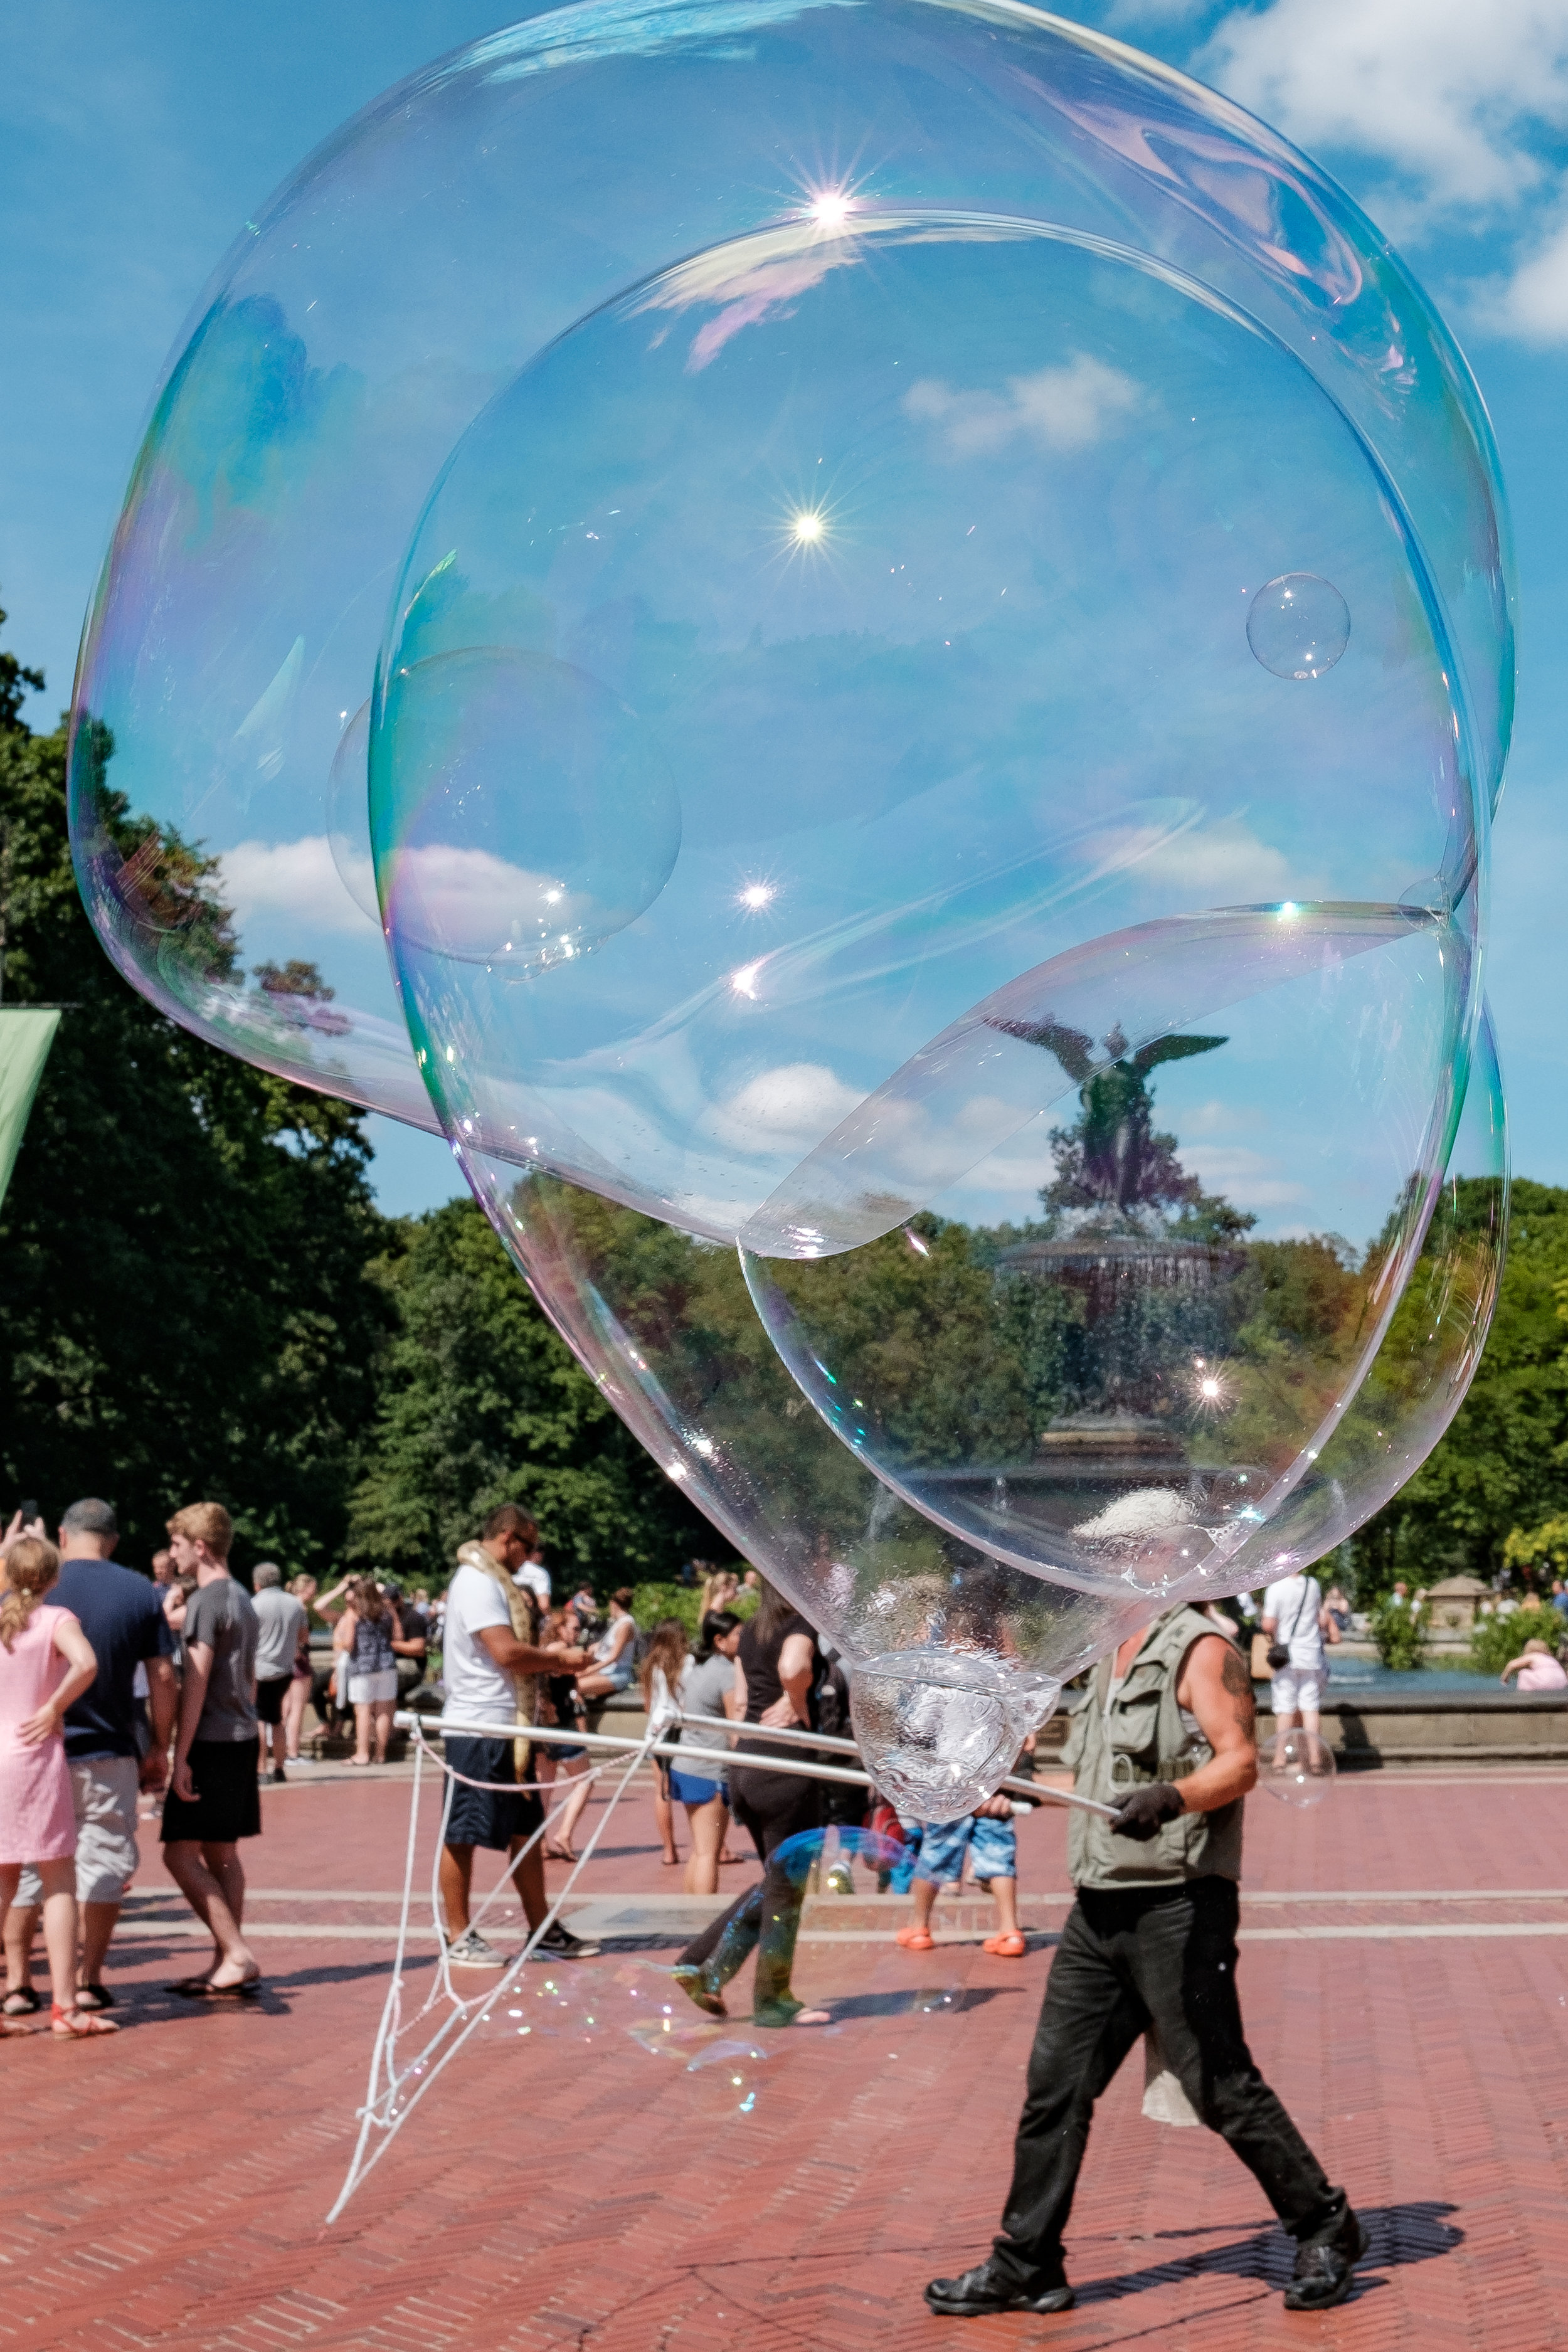 Central Park Sunday Aug 13 2017-4.jpg